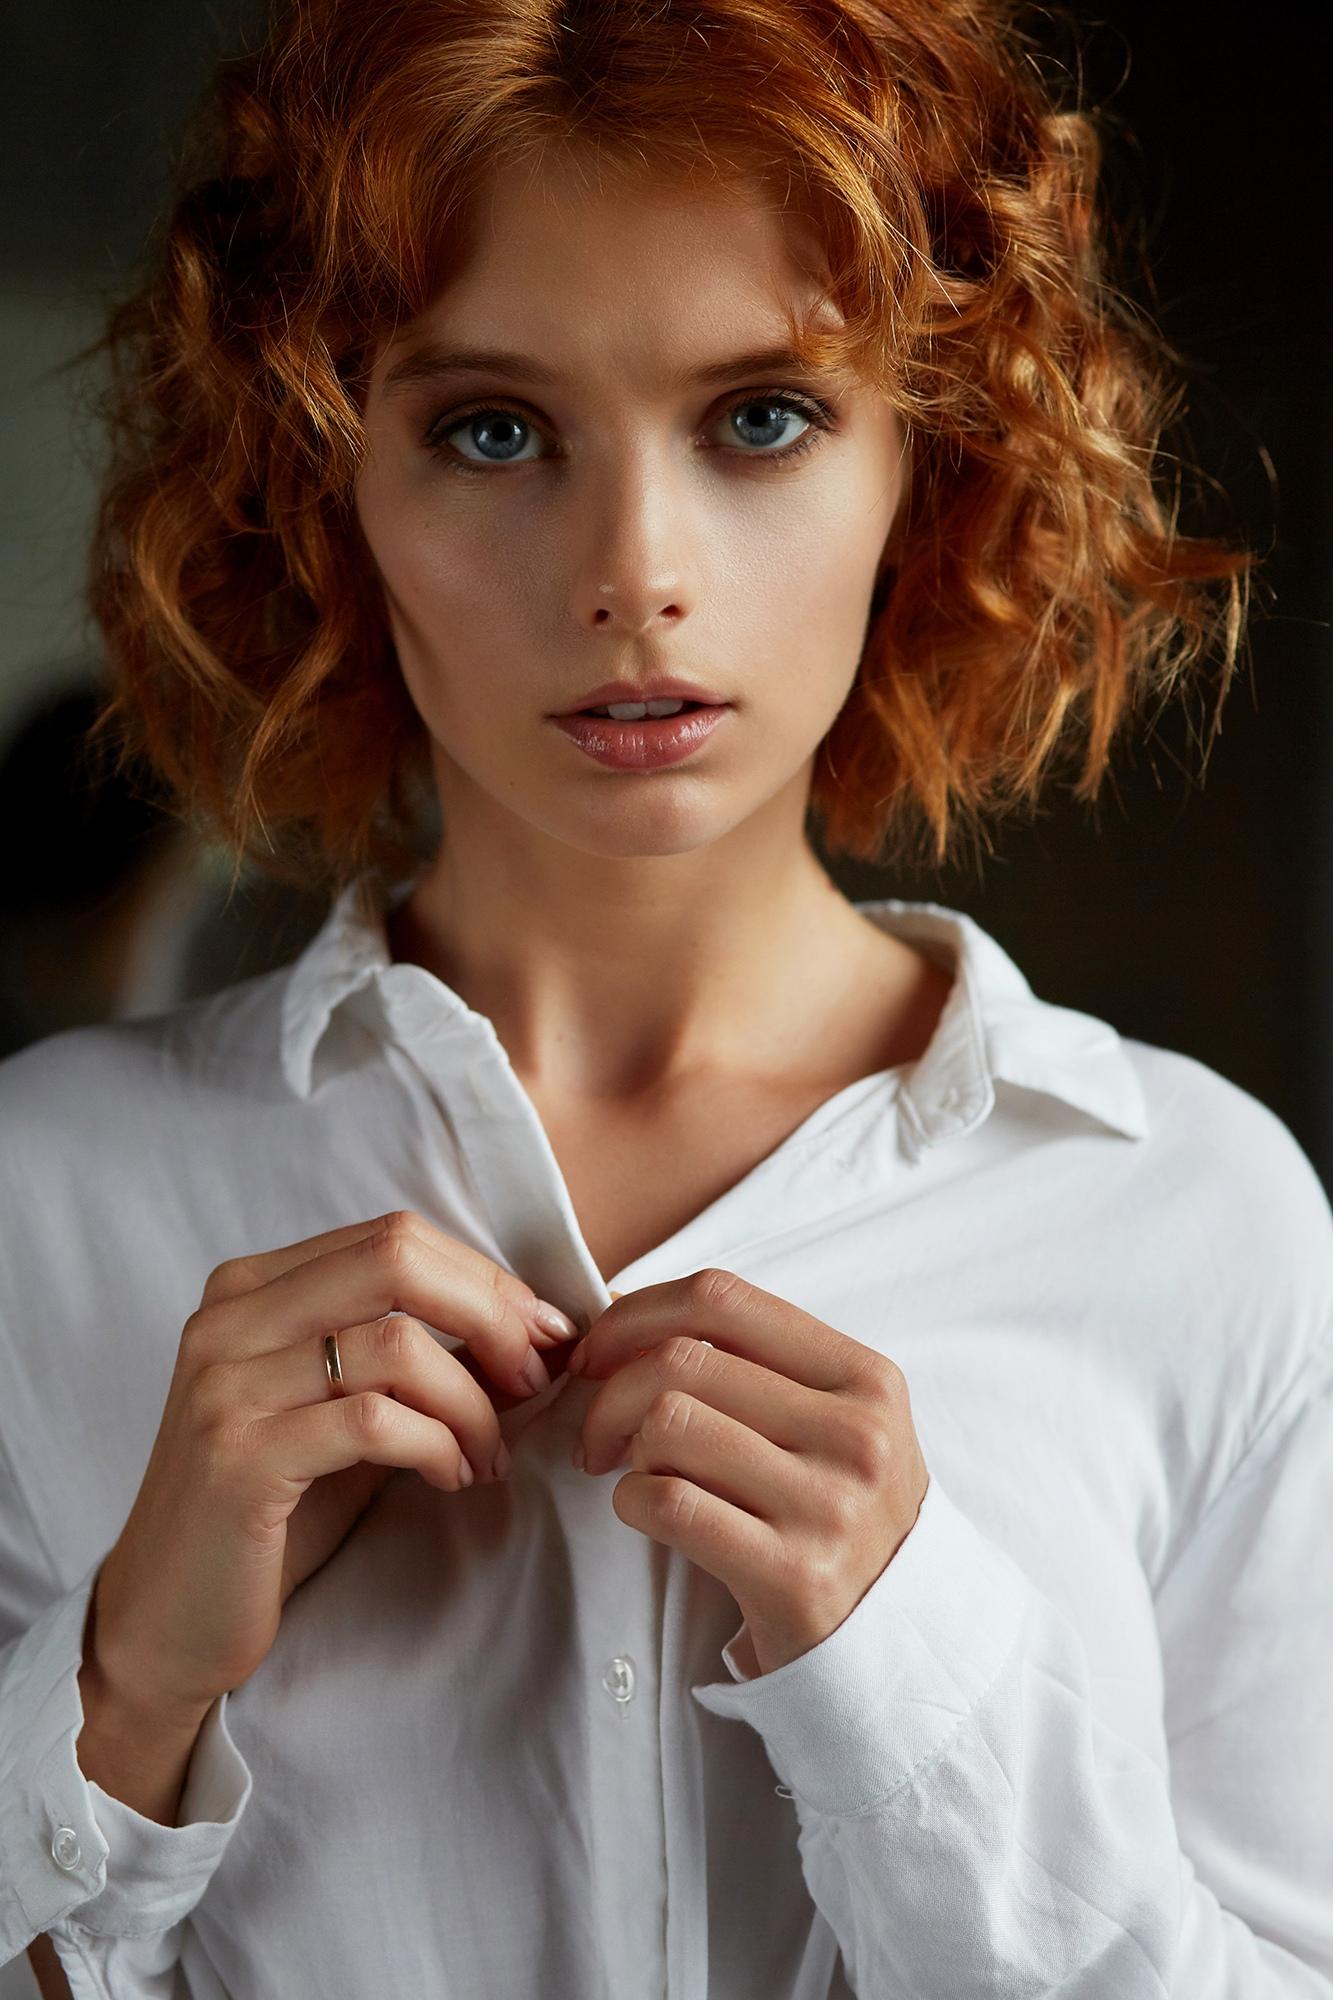 Марта Громова, эротика, сиськи, фото